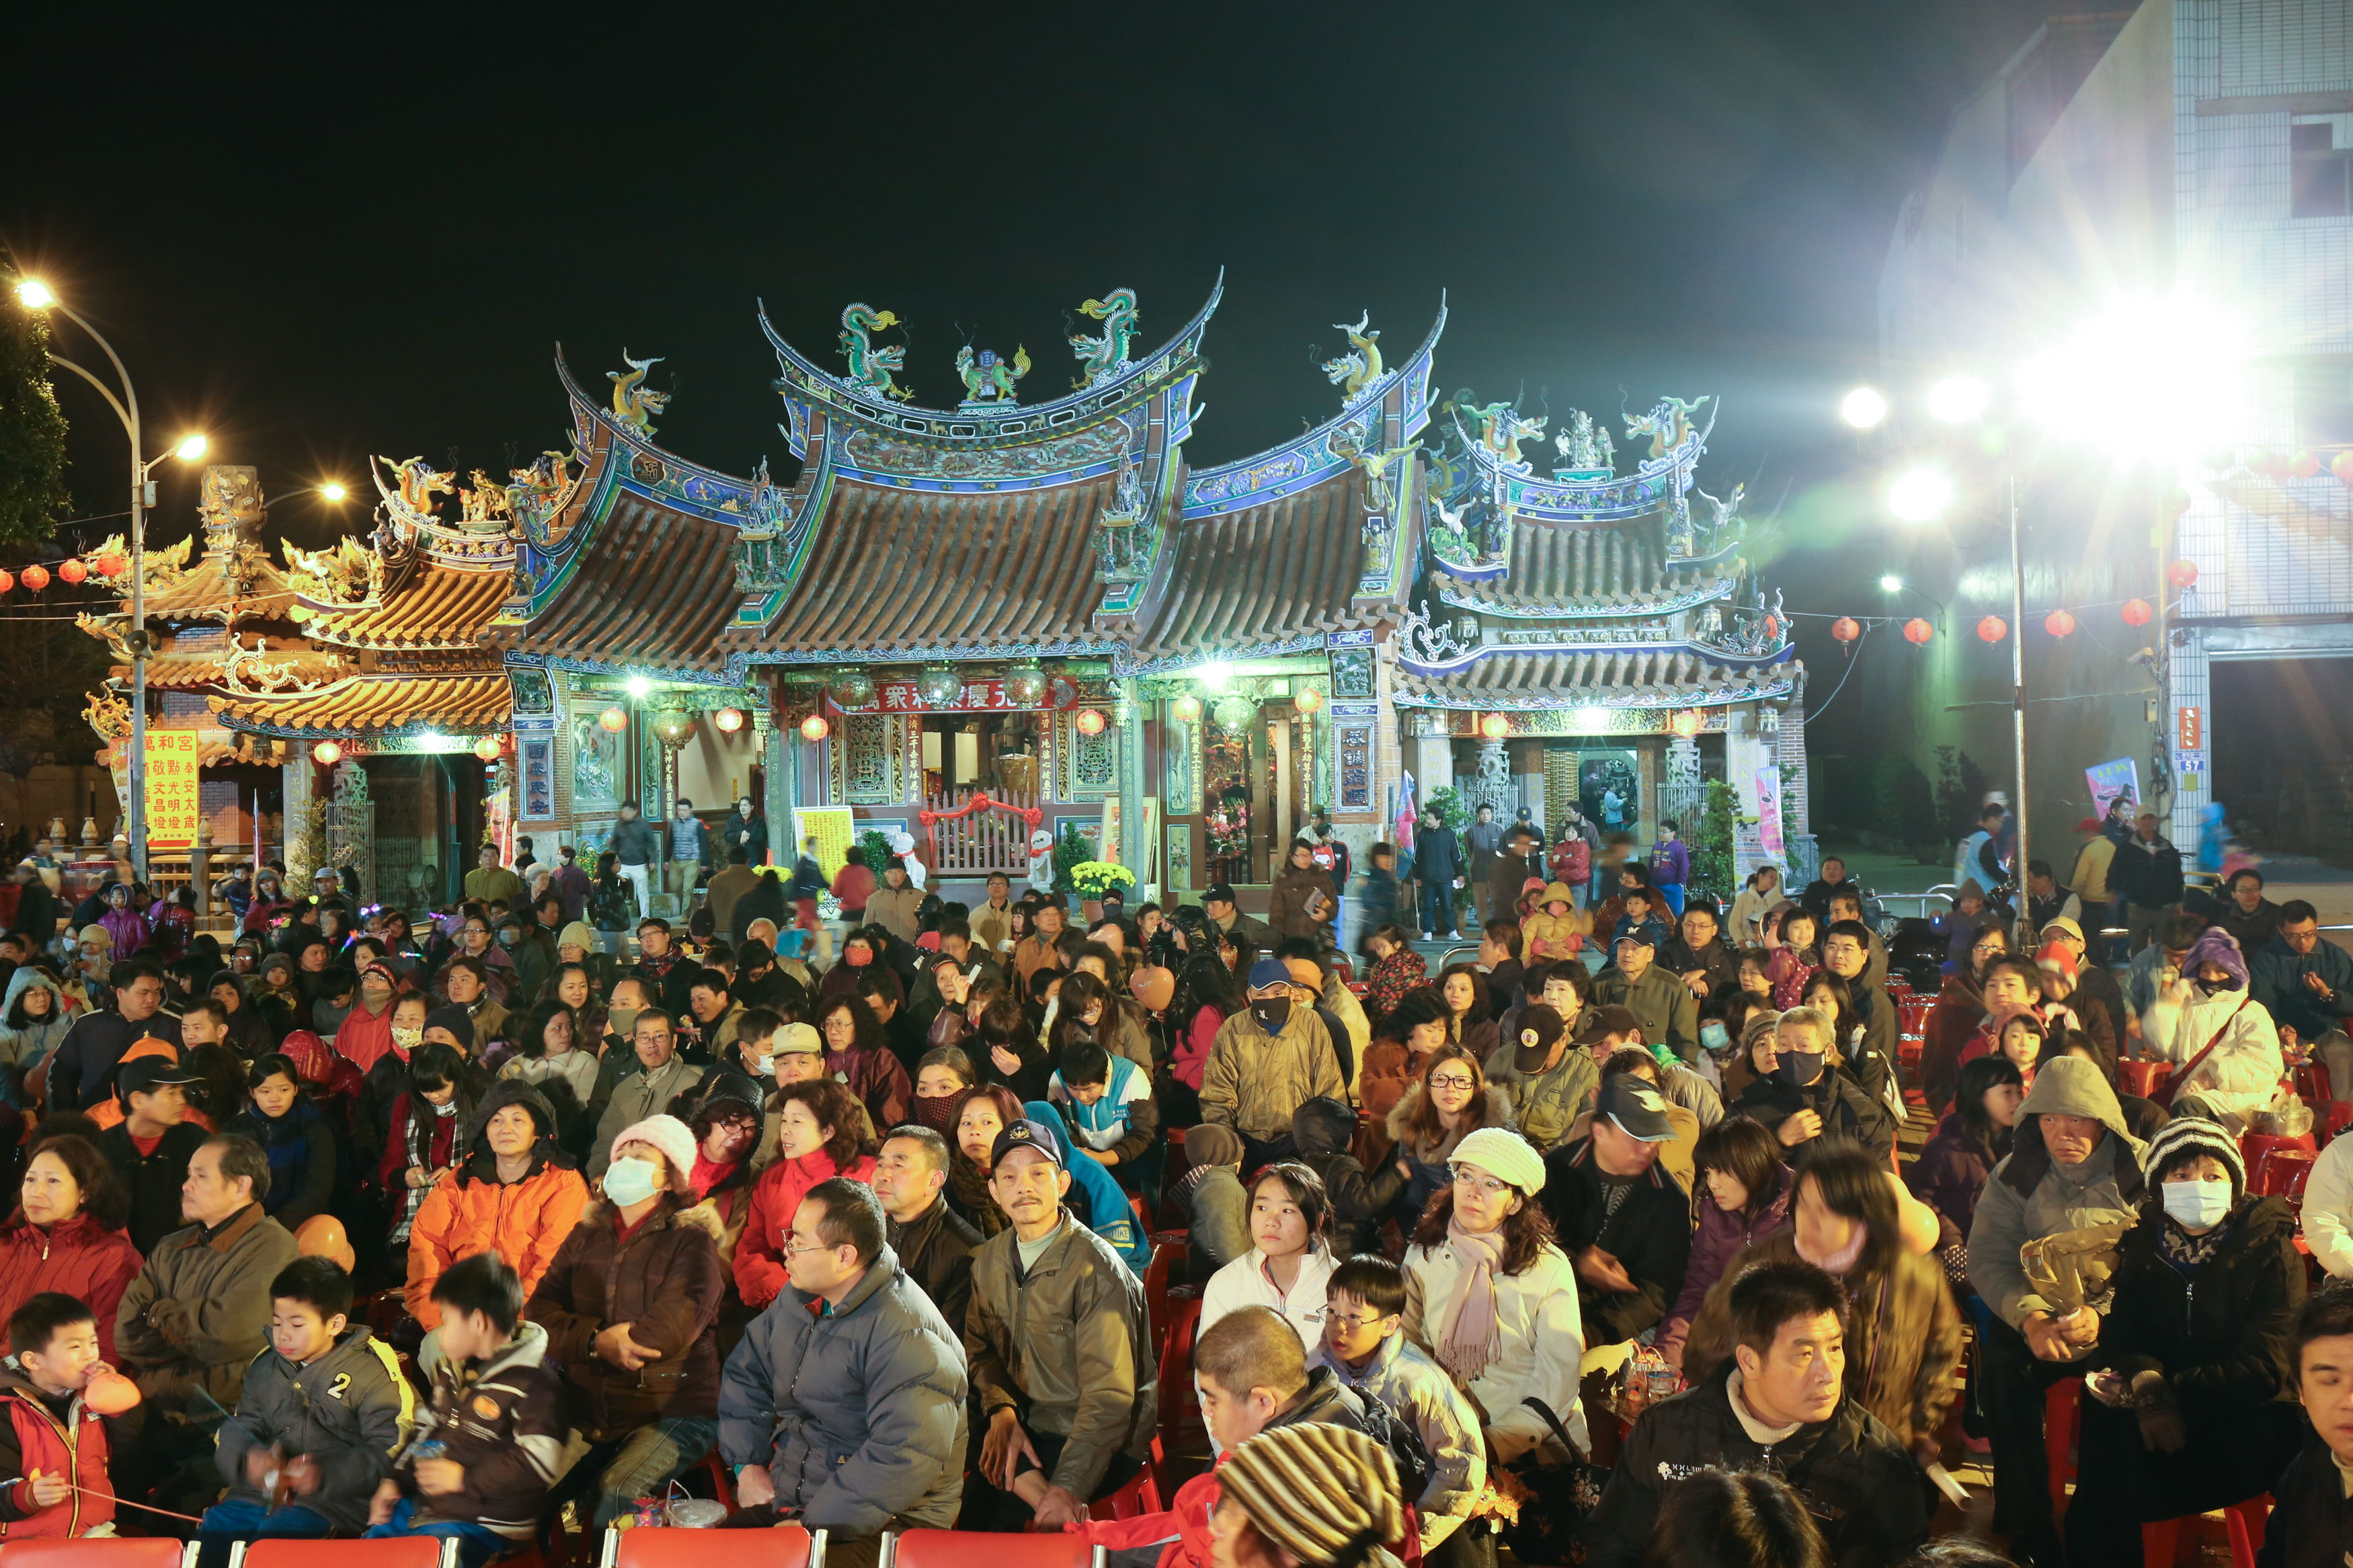 台中媽祖國際觀光文化節在萬和宮,台中婚錄推薦10